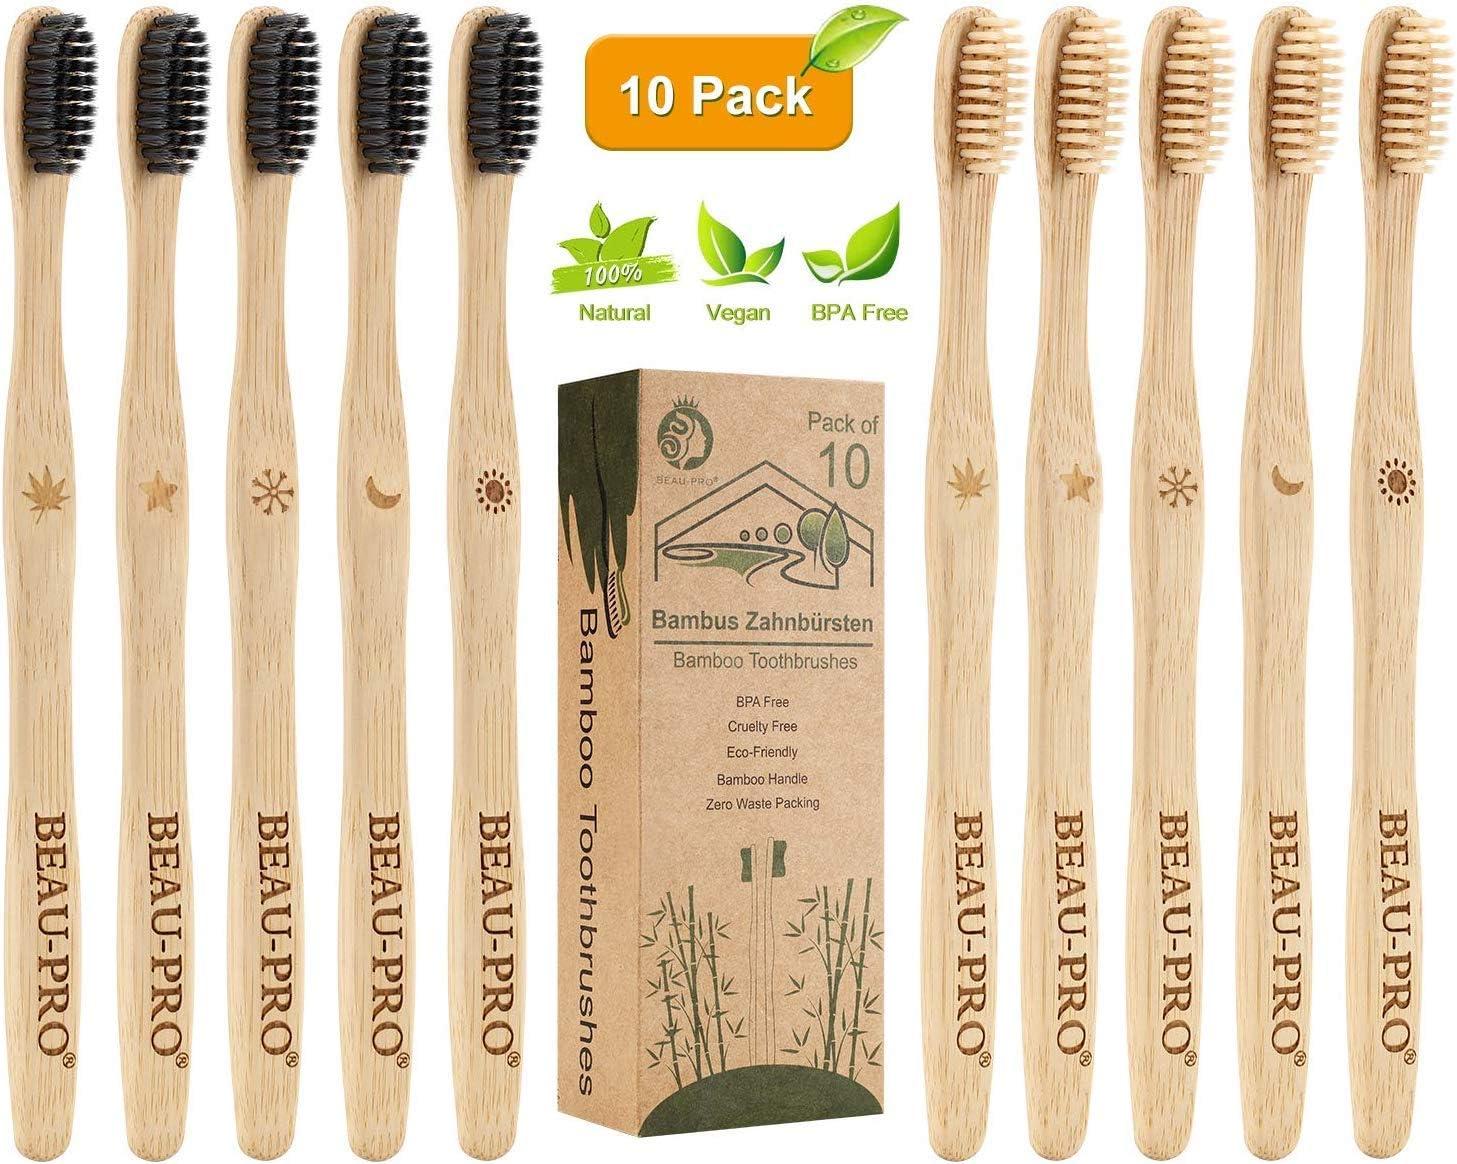 Cepillo Dientes Bambu, Paquete de 10 Cepillos de Dientes, 5 cepillo de carbón bambú y 5 cepillo de fibra bambú, 100% Libre de BPA, Cepillos de Dientes Naturales y Veganos para Una Mejor Limpieza